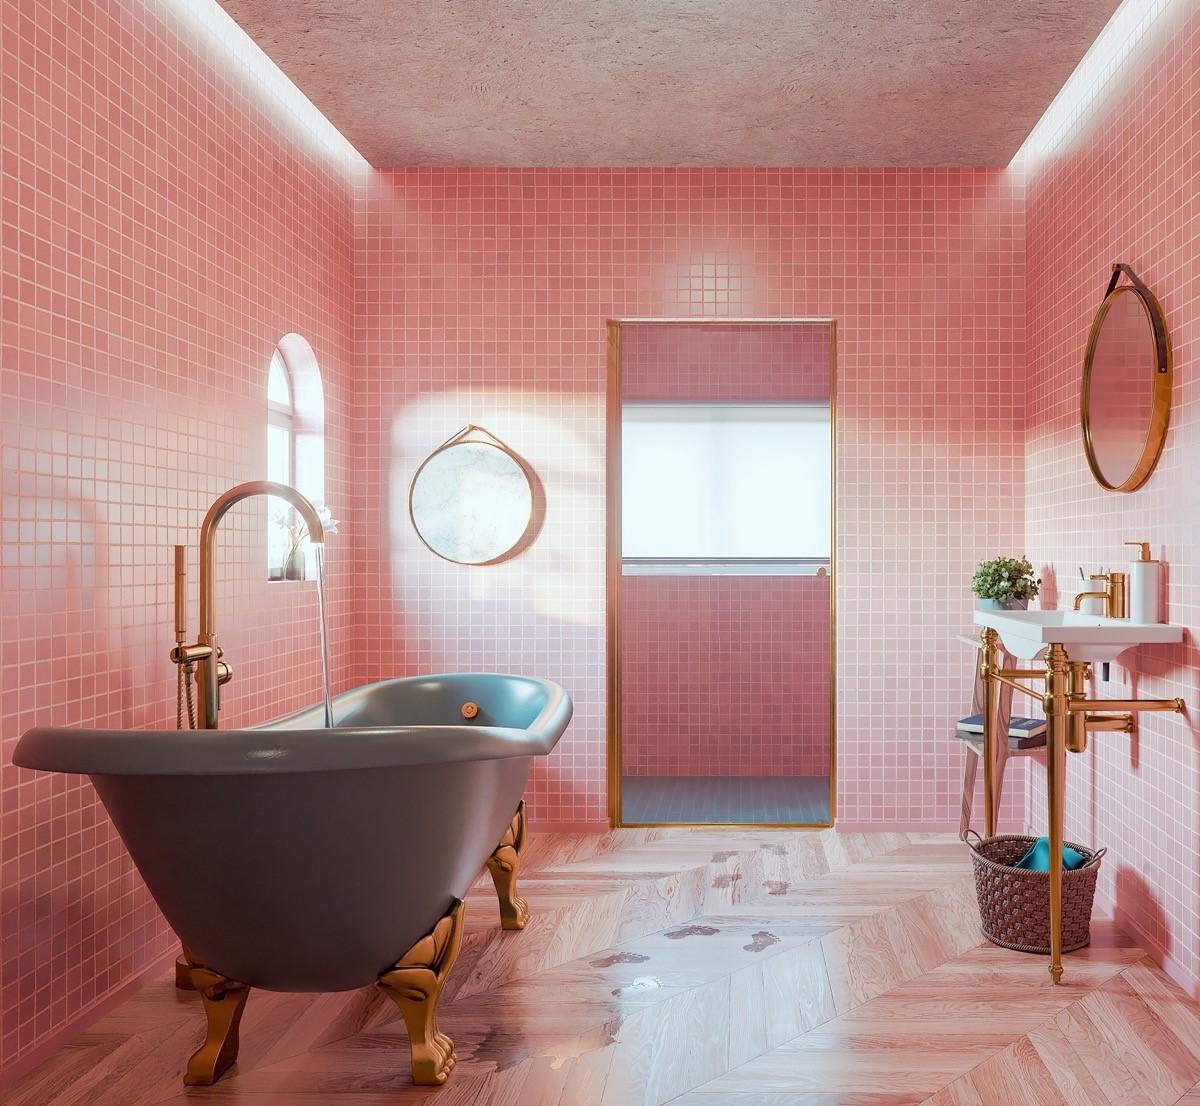 trang trí nội thất phòng tắm màu hồng cho bánh bèo 1